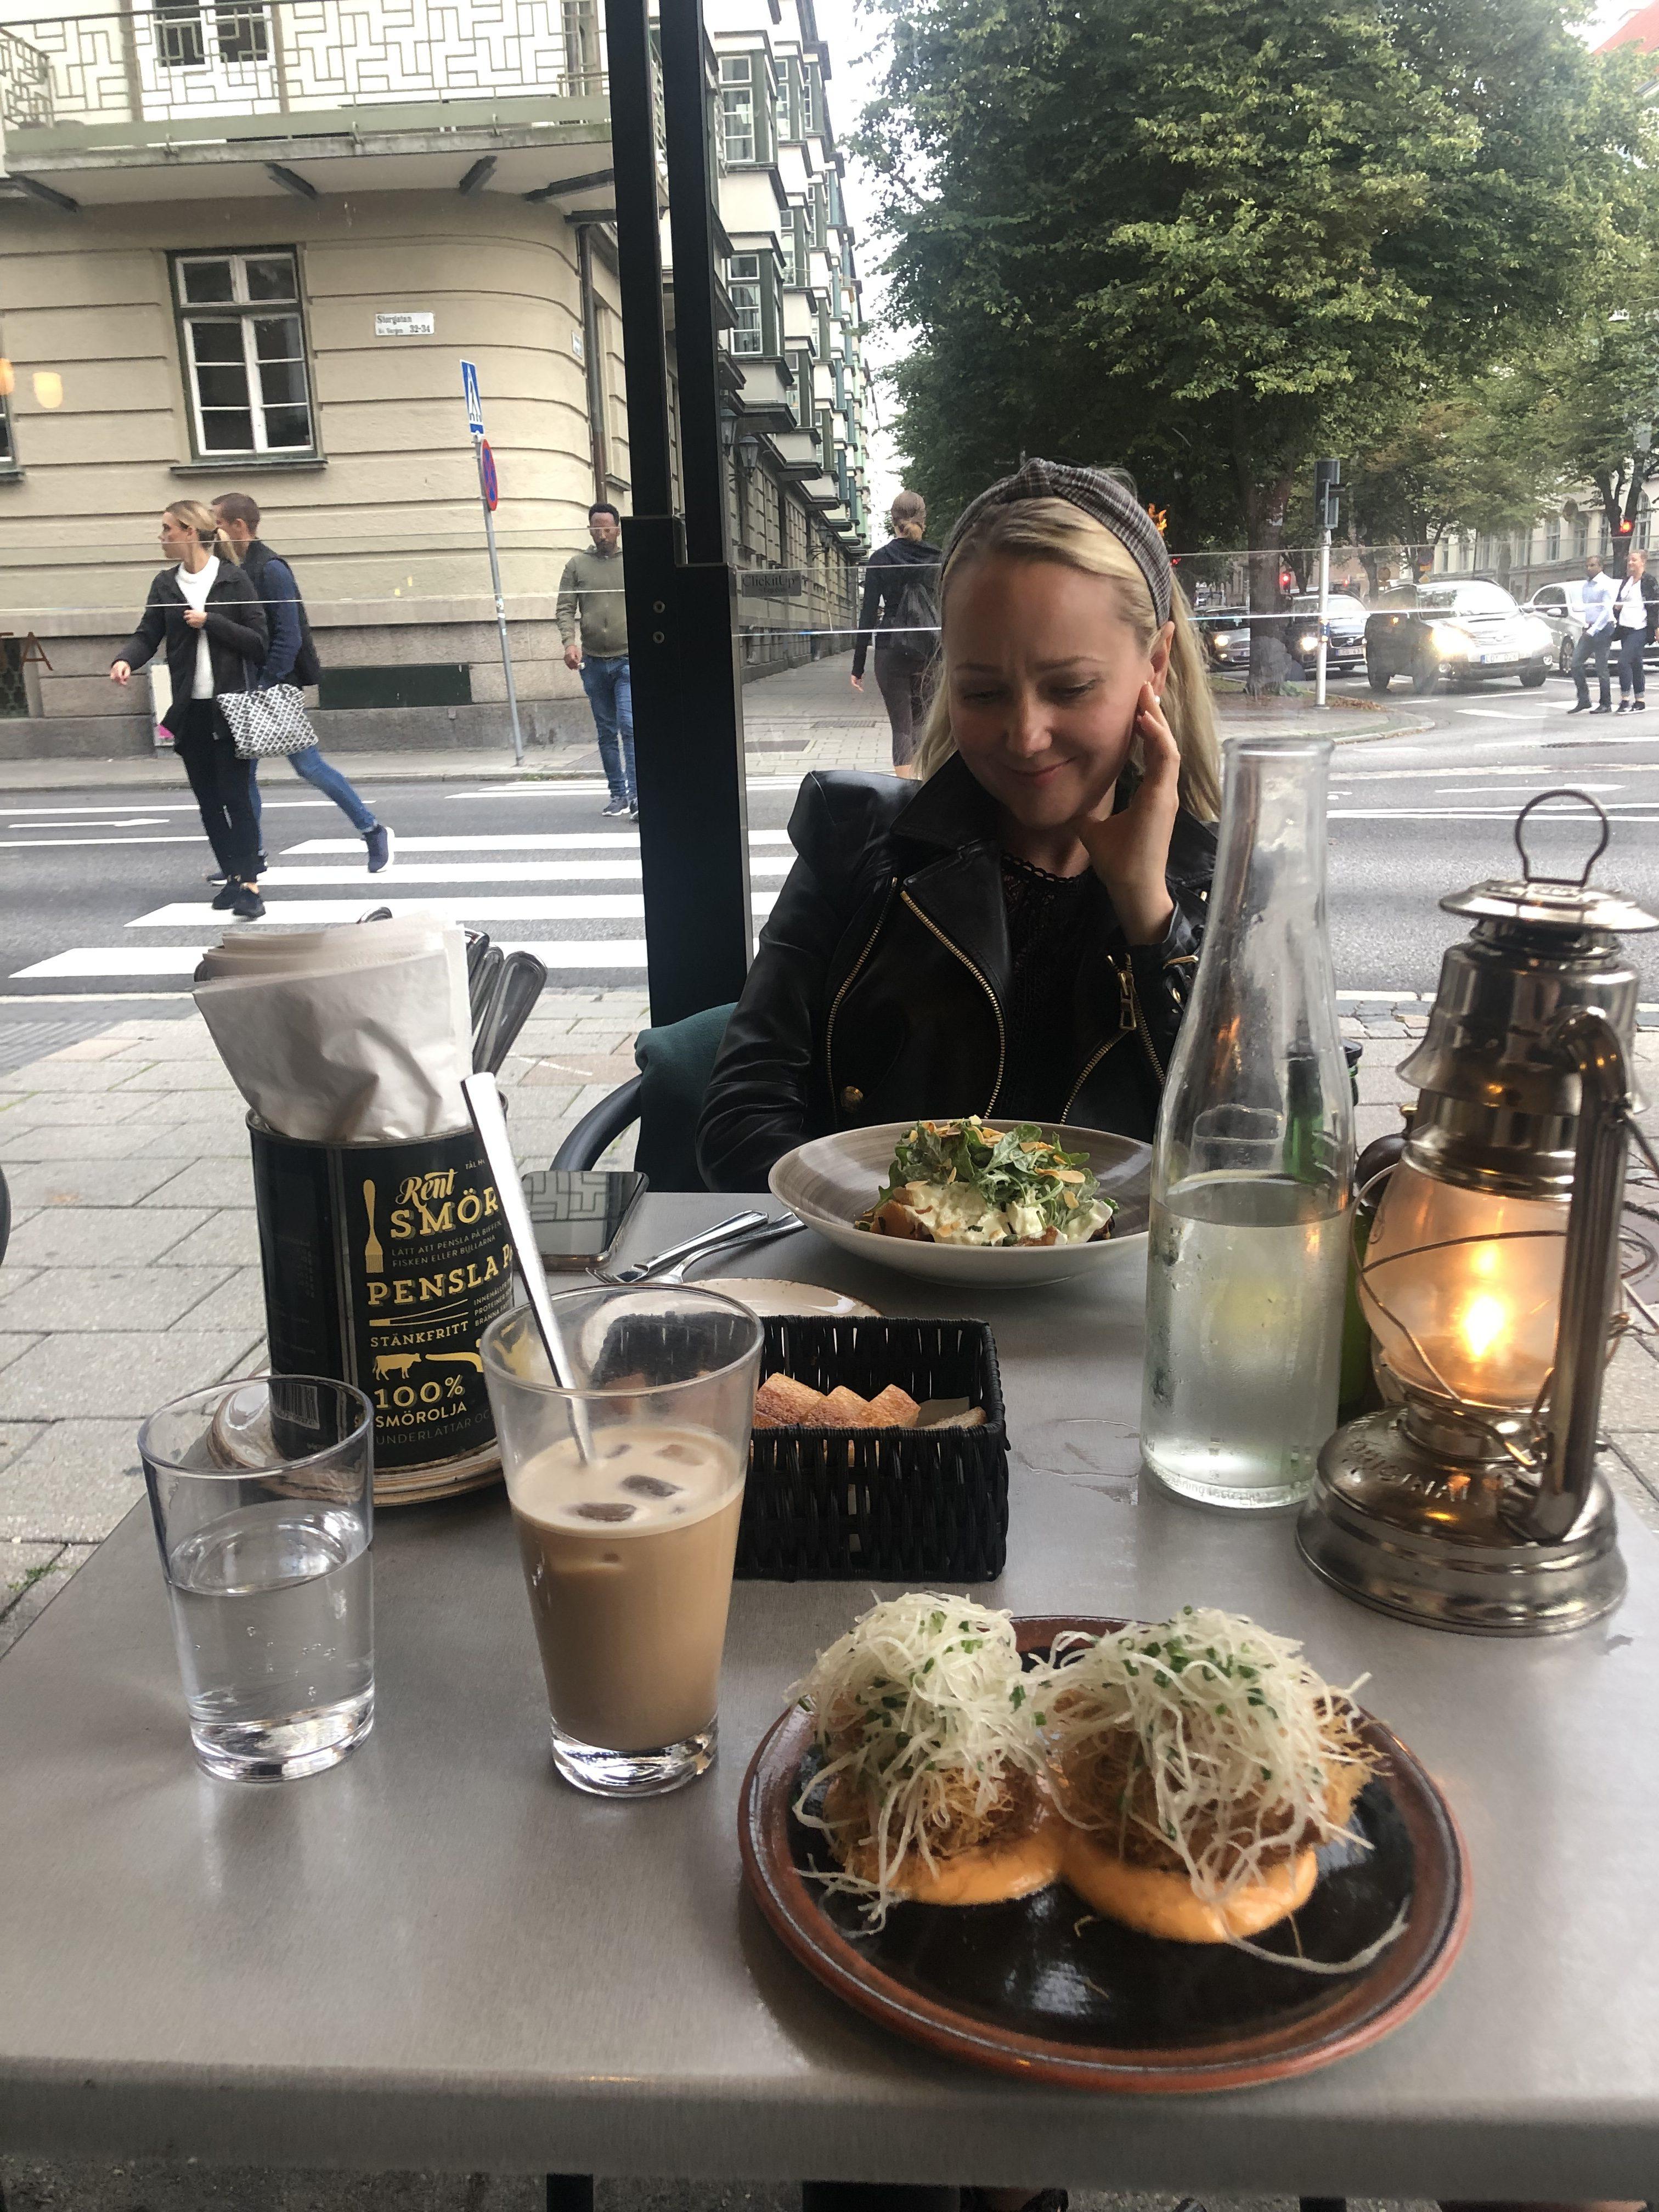 Malmöfestivalen & restaurang Atmosfär i Malmö